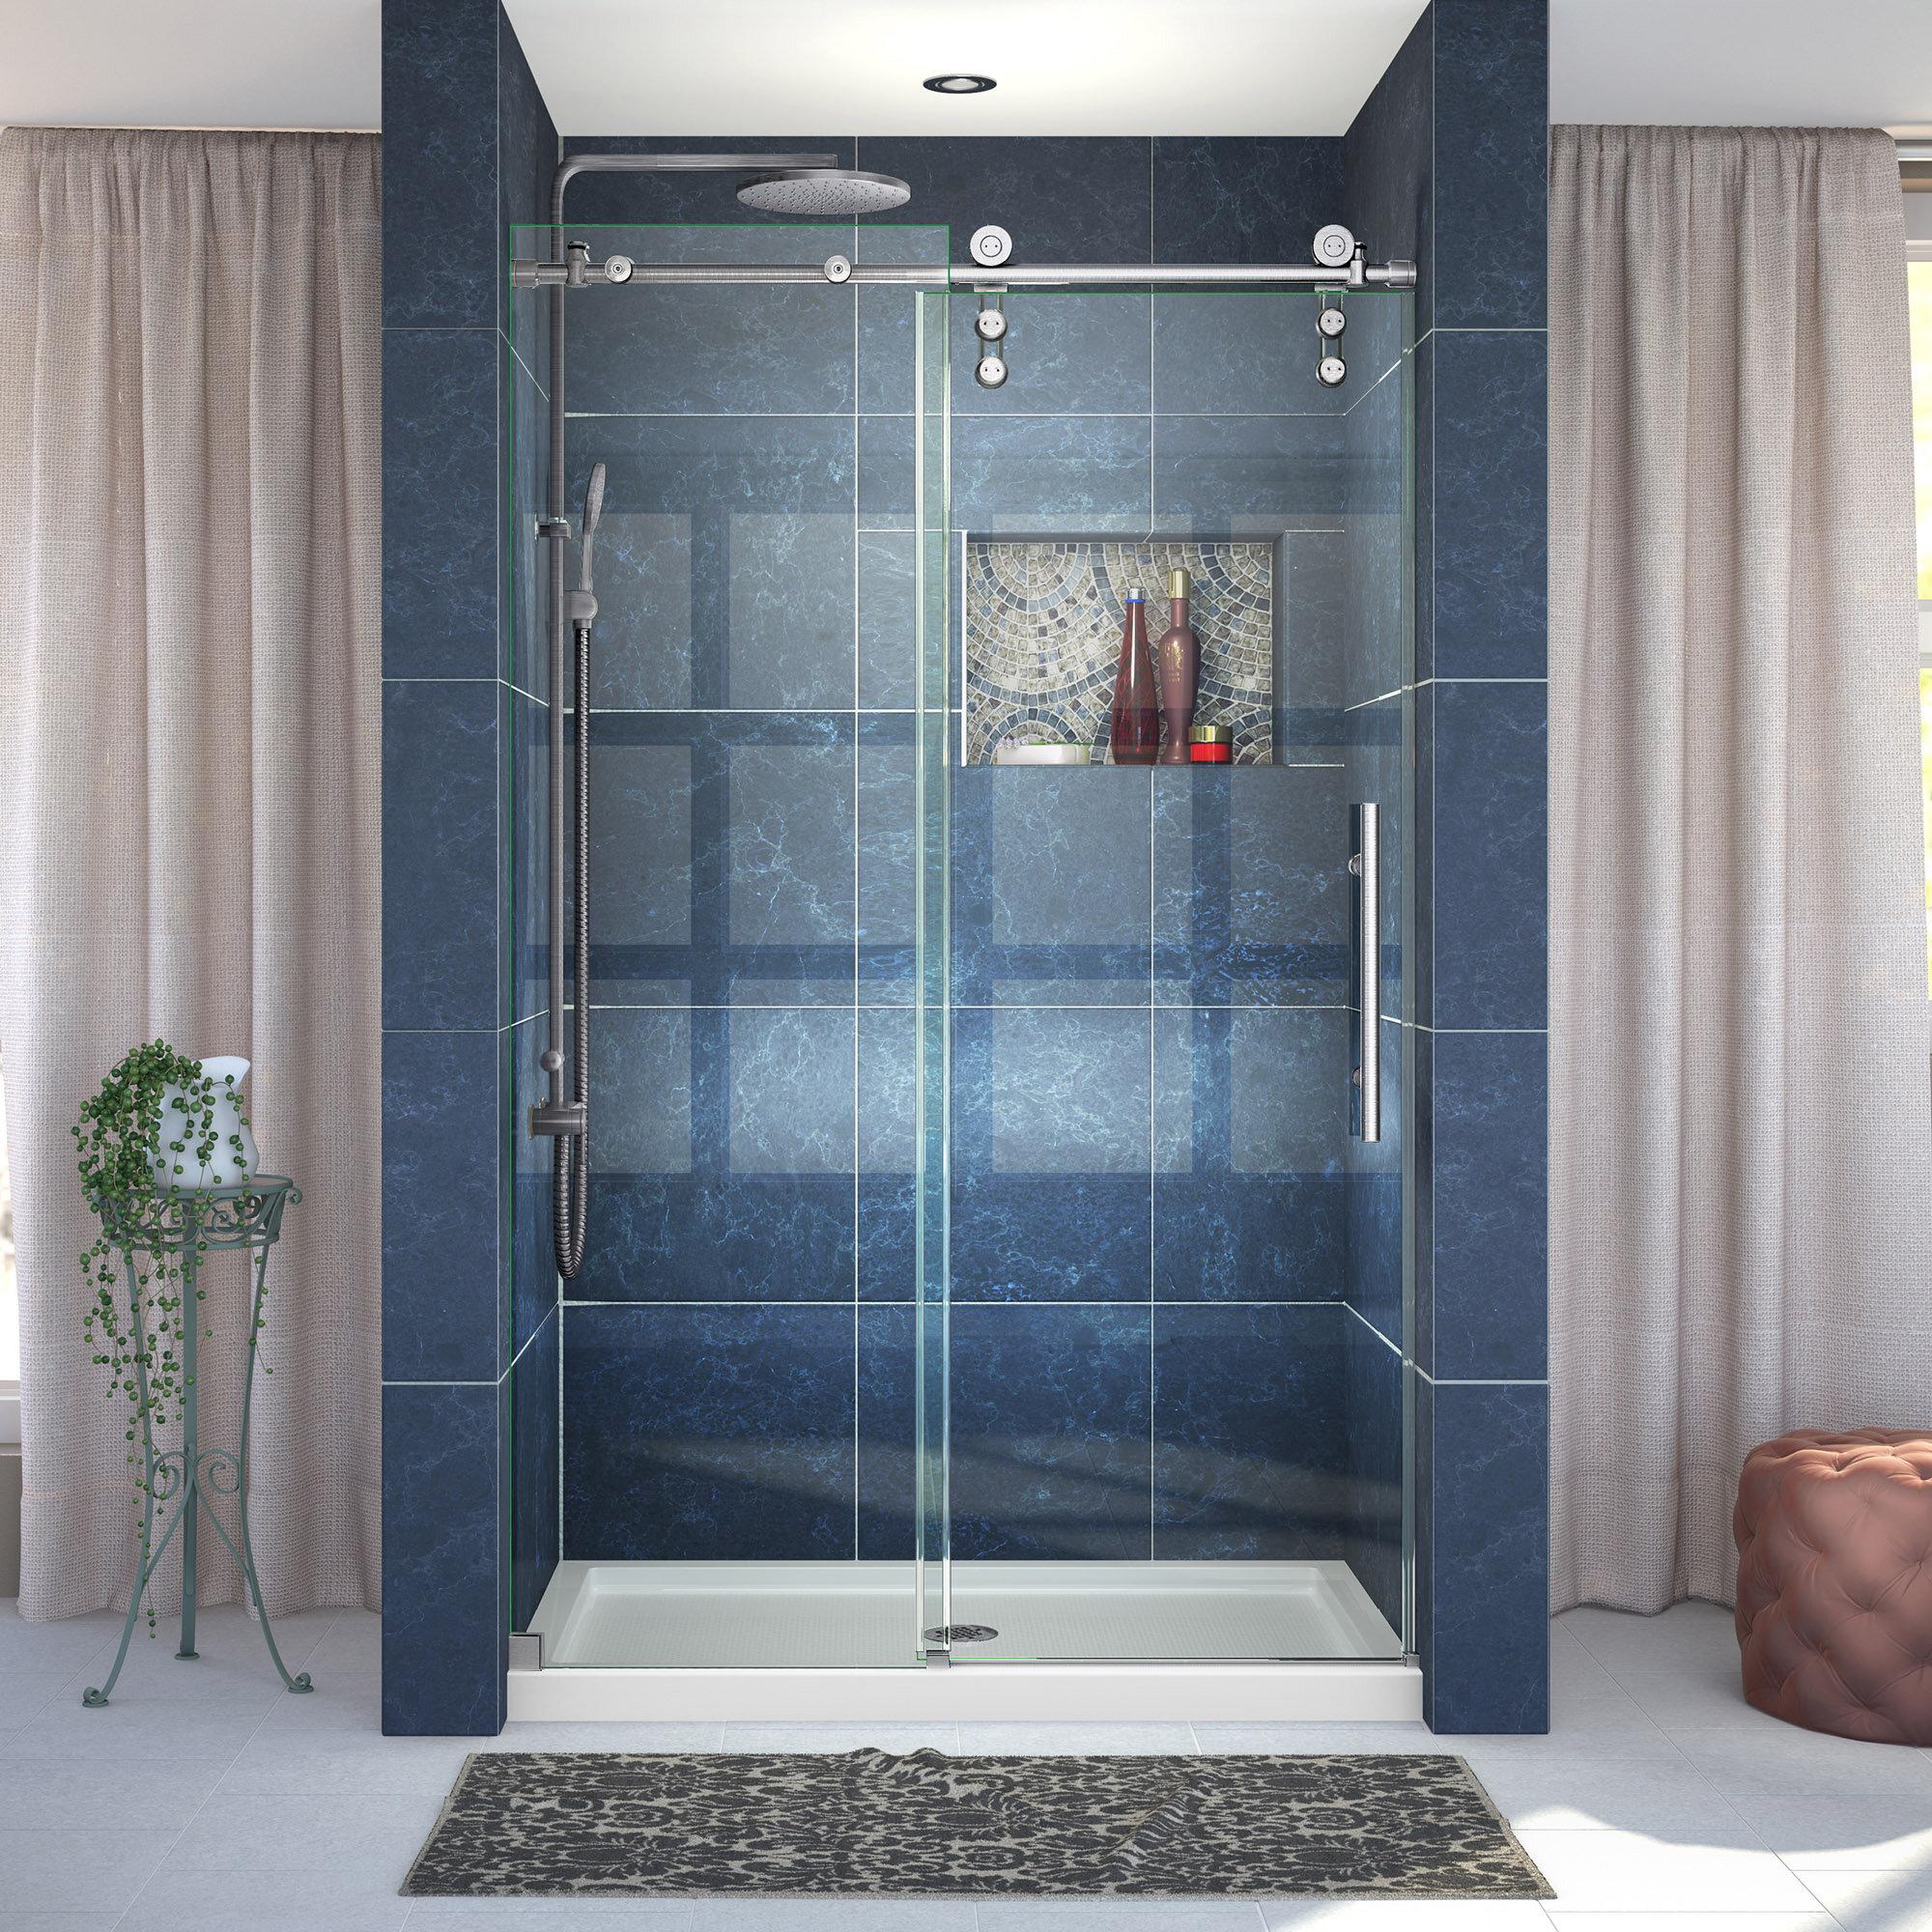 48 Frameless Shower Door Image collections - doors design modern